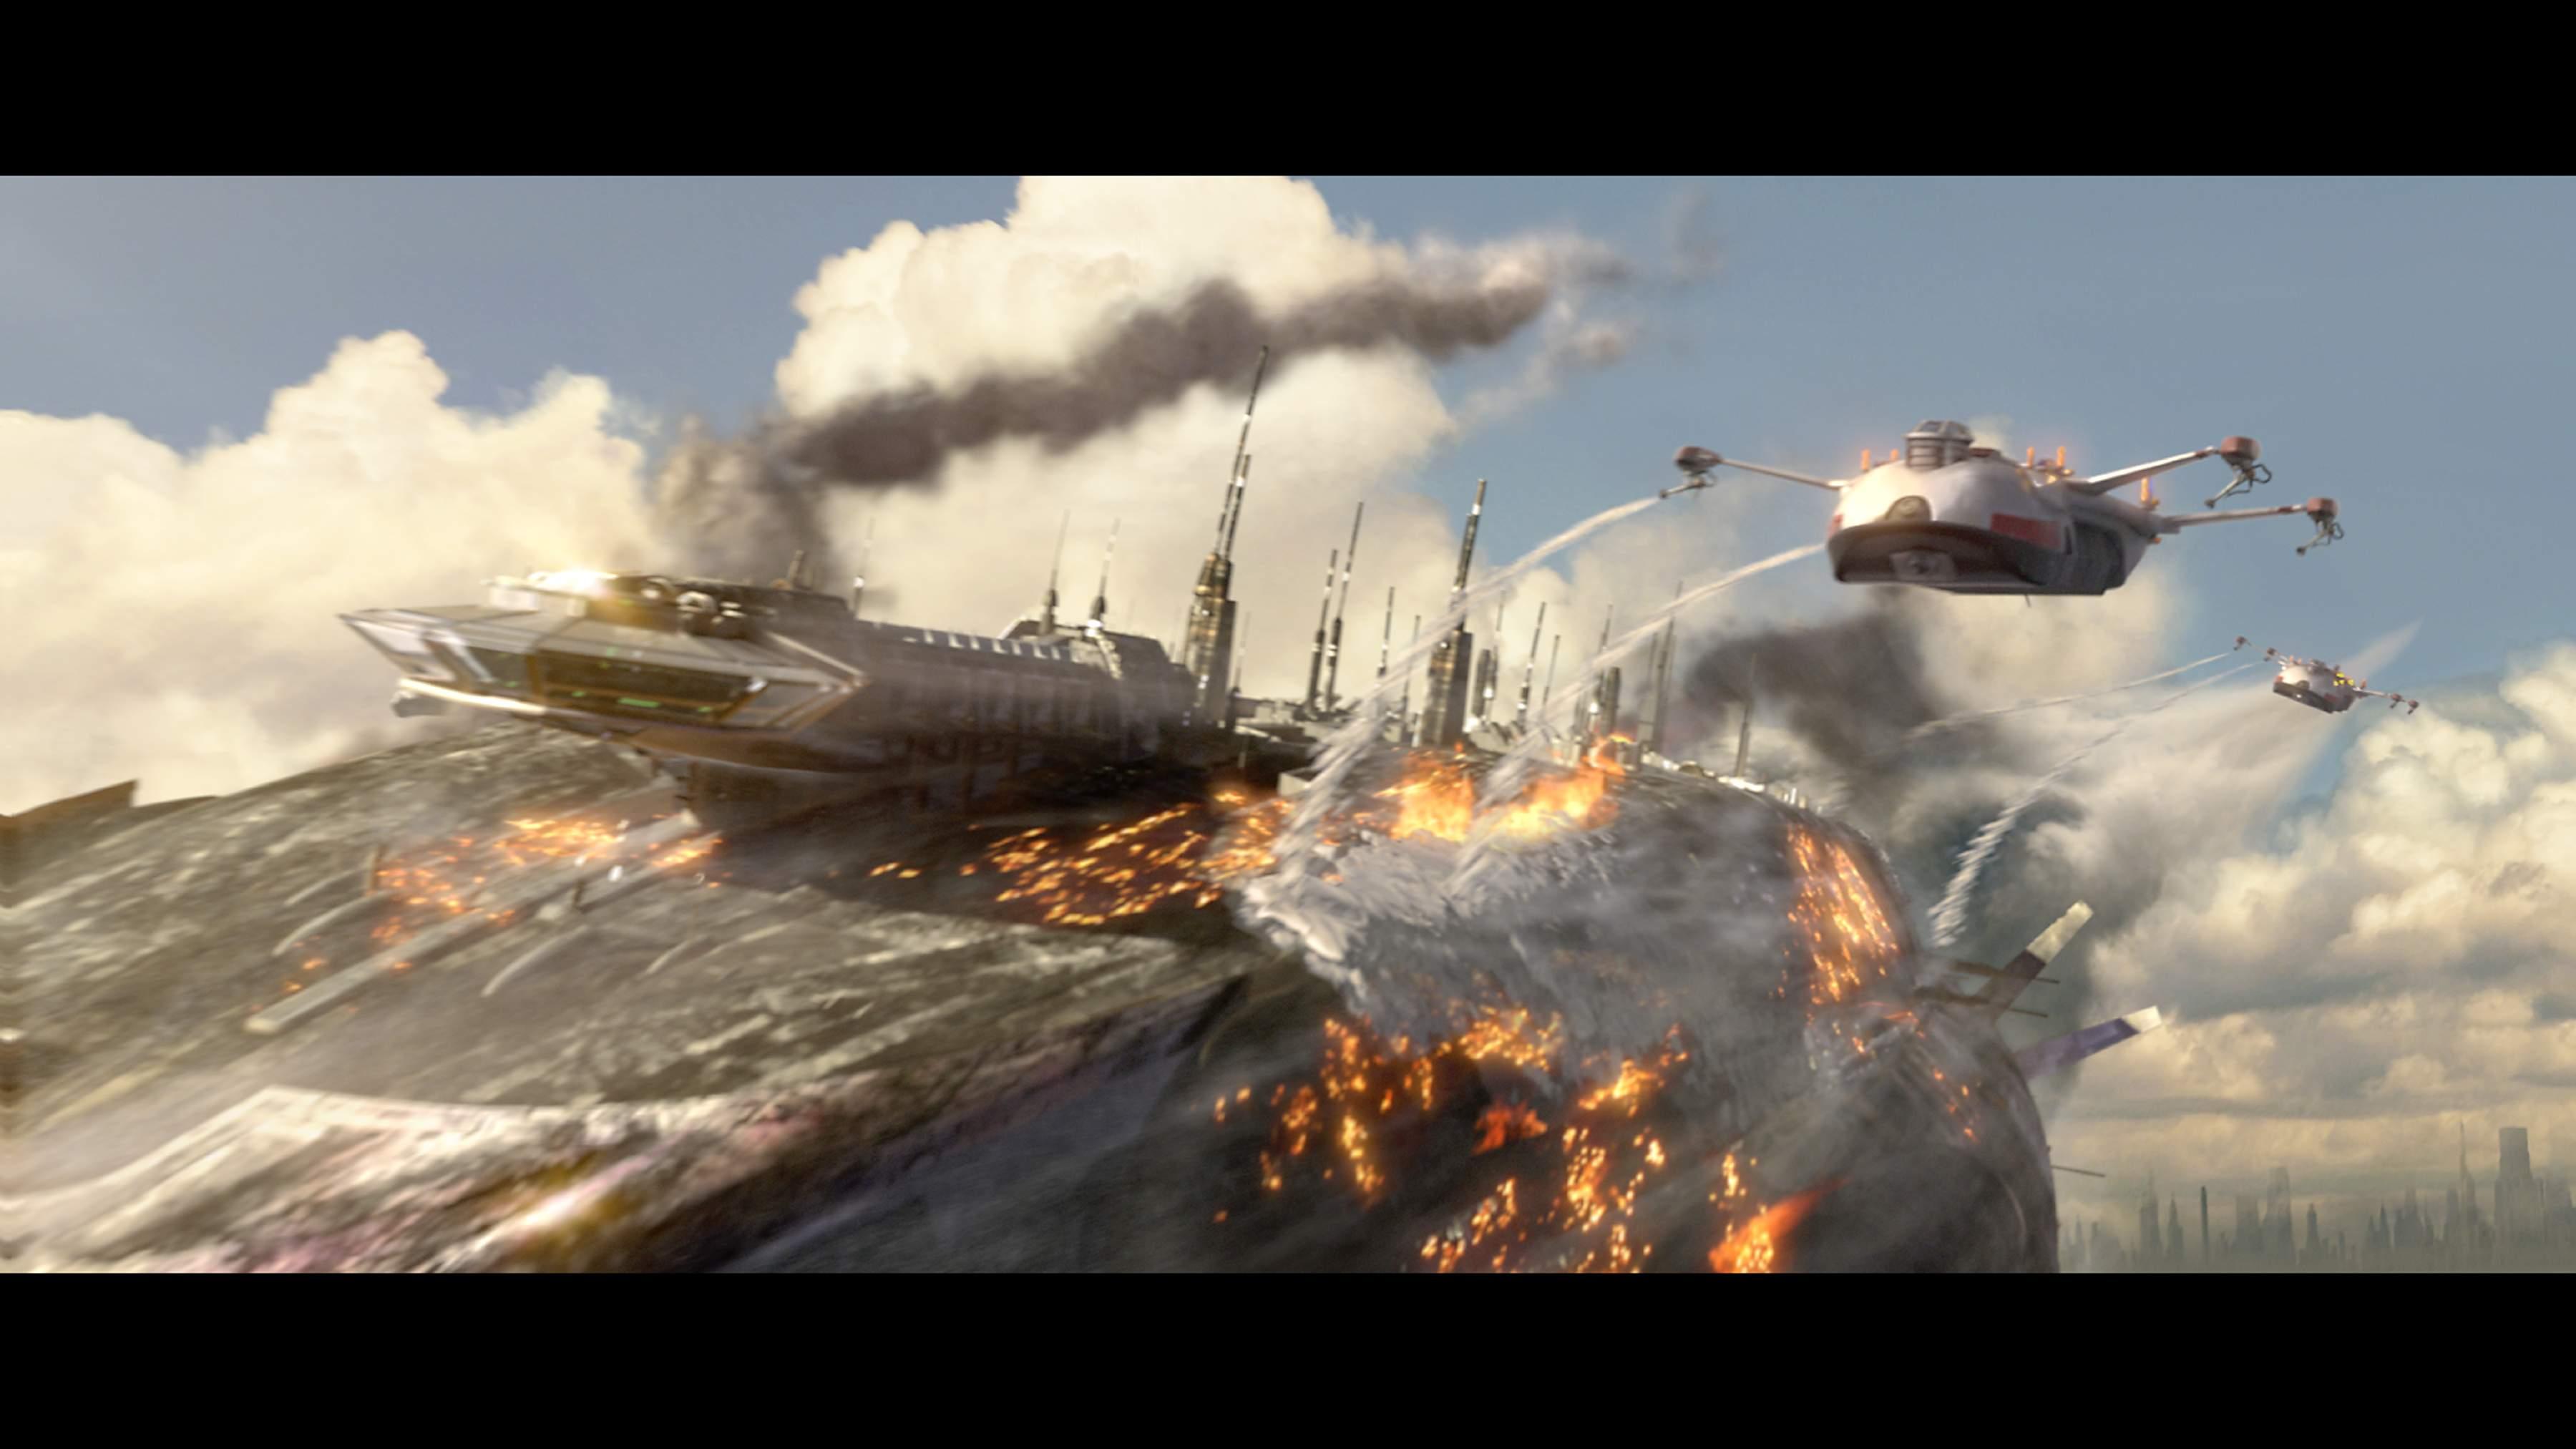 图:《星球大战前传3》精彩剧照-飞船灭火